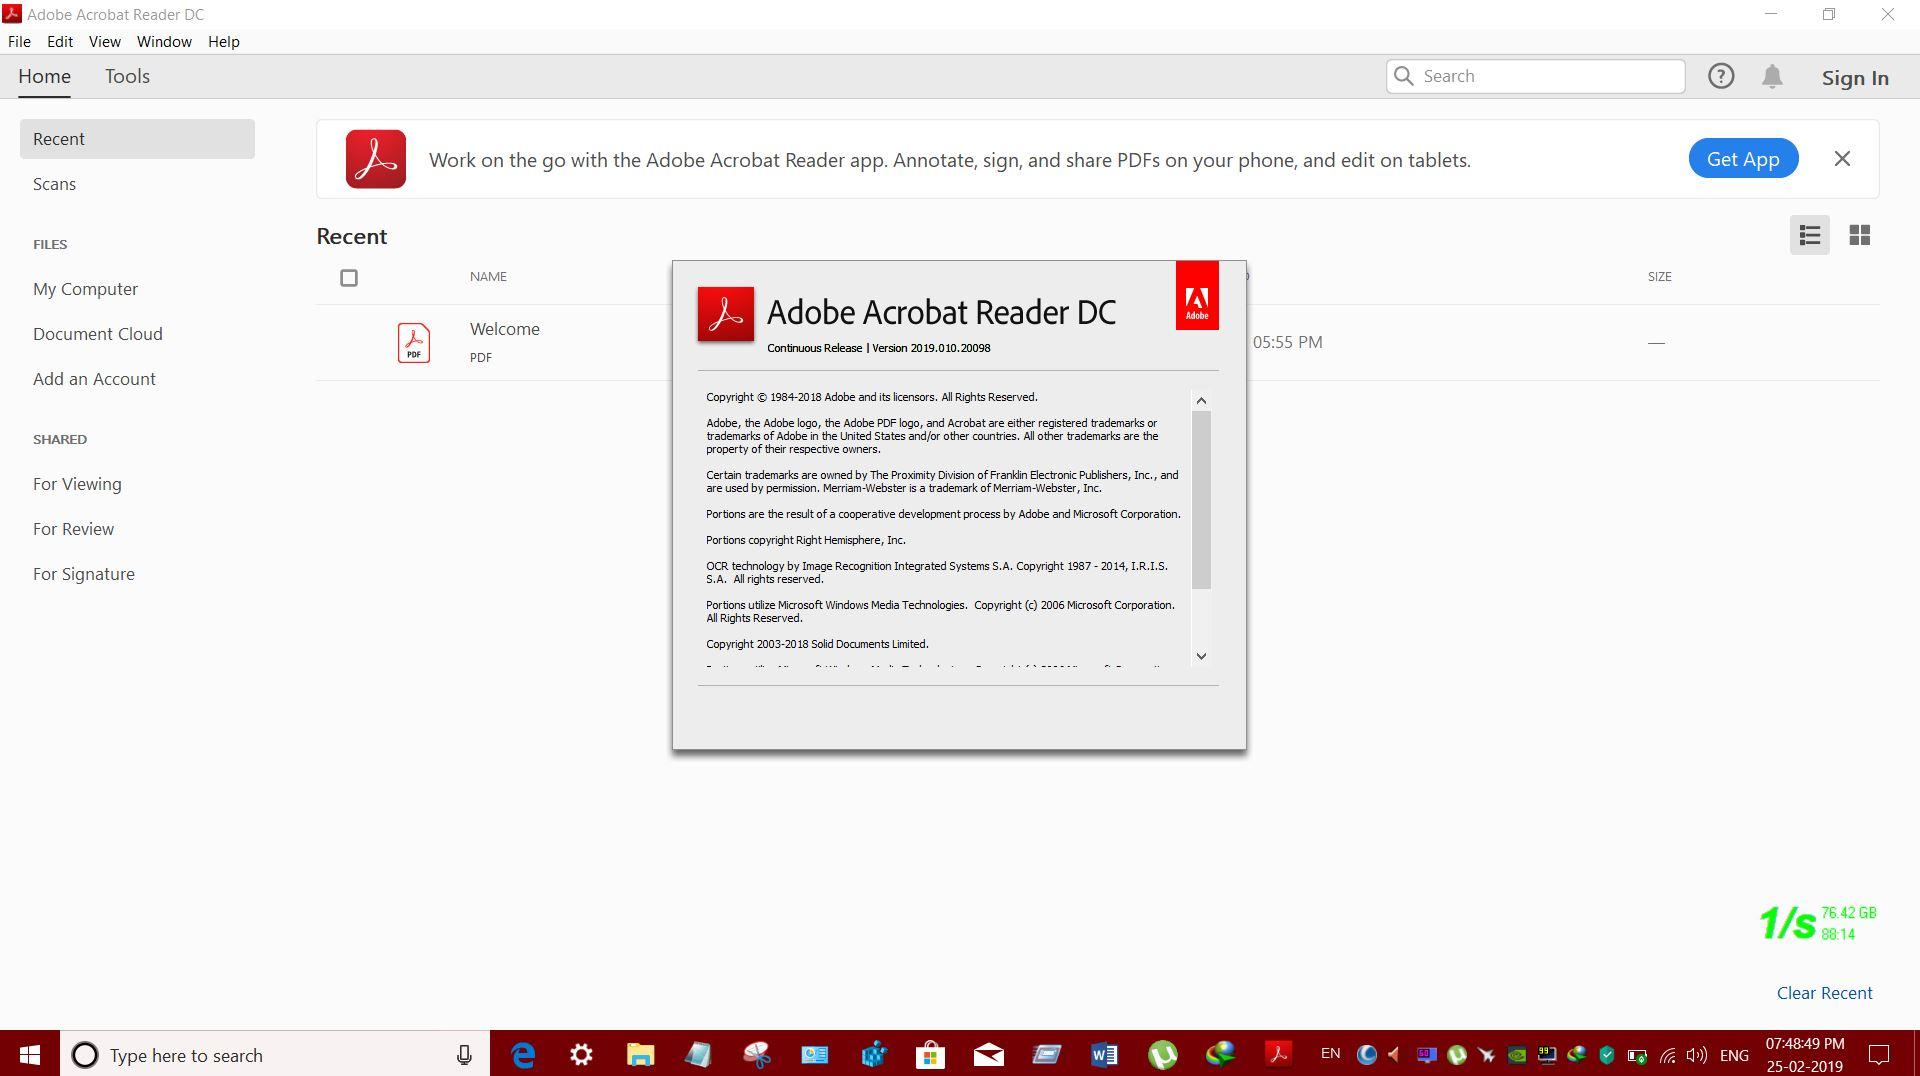 ADOBE RELEASED ACROBAT DC READER v1901020098 FOR WINDOWS CLIENT OS